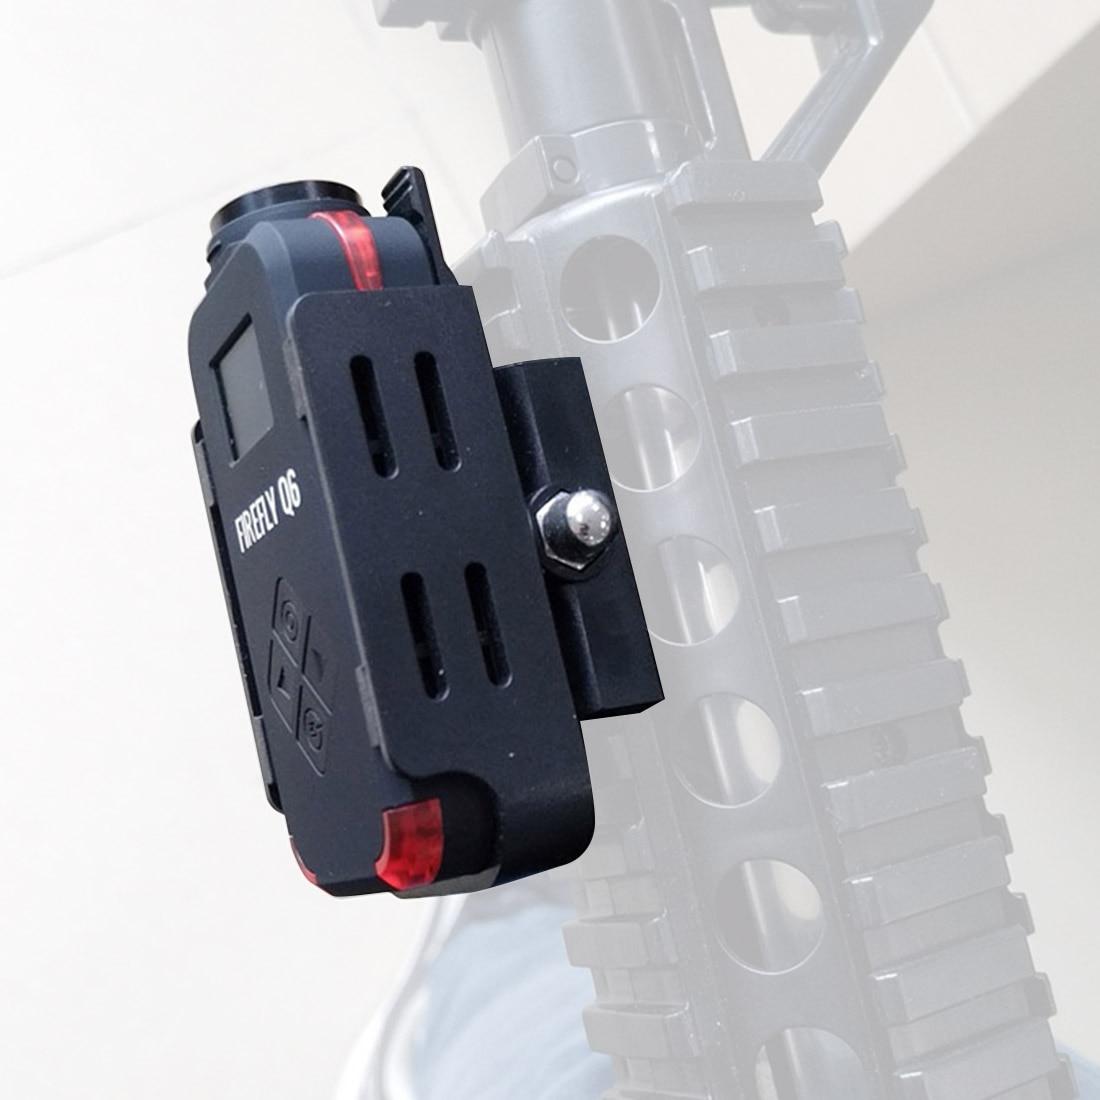 Oyuncaklar ve Hobi Ürünleri'ten Parçalar ve Aksesuarlar'de Hawkeye FIREFLY Q6 Airsoft 1080 P/4 K HD çok fonksiyonlu spor kamera eylem kamera FPV Racer için parça yarış Drone title=